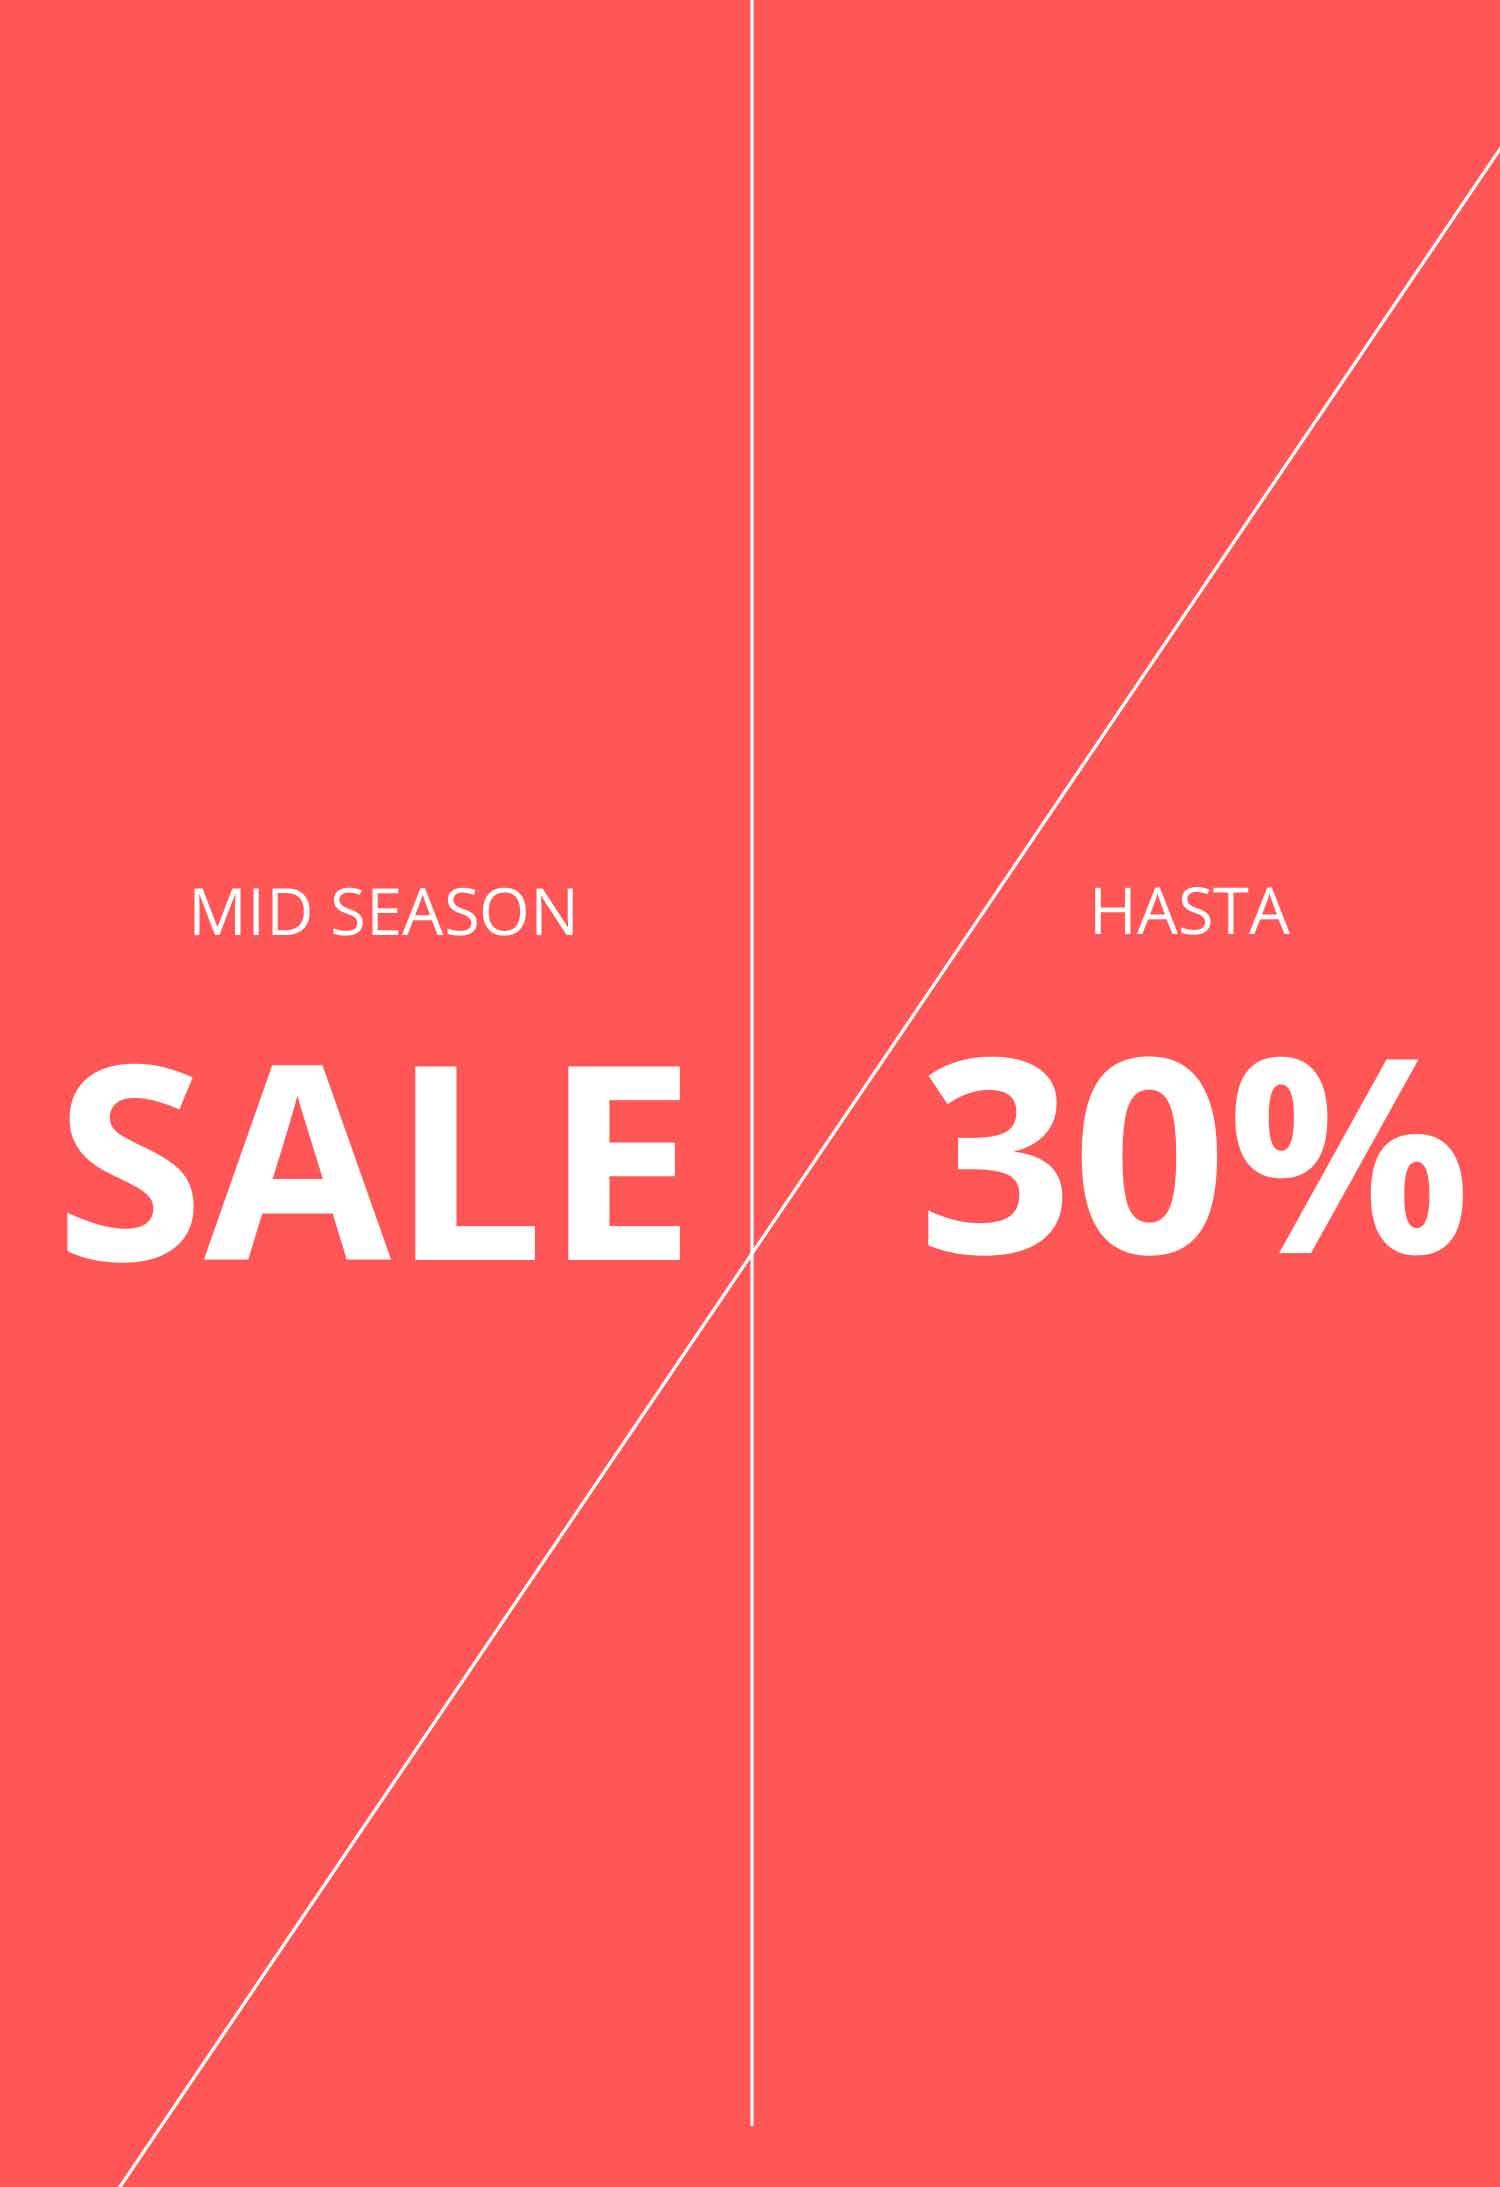 Promoción Mid Season Descuentos Hasta el 30% Zankos Original